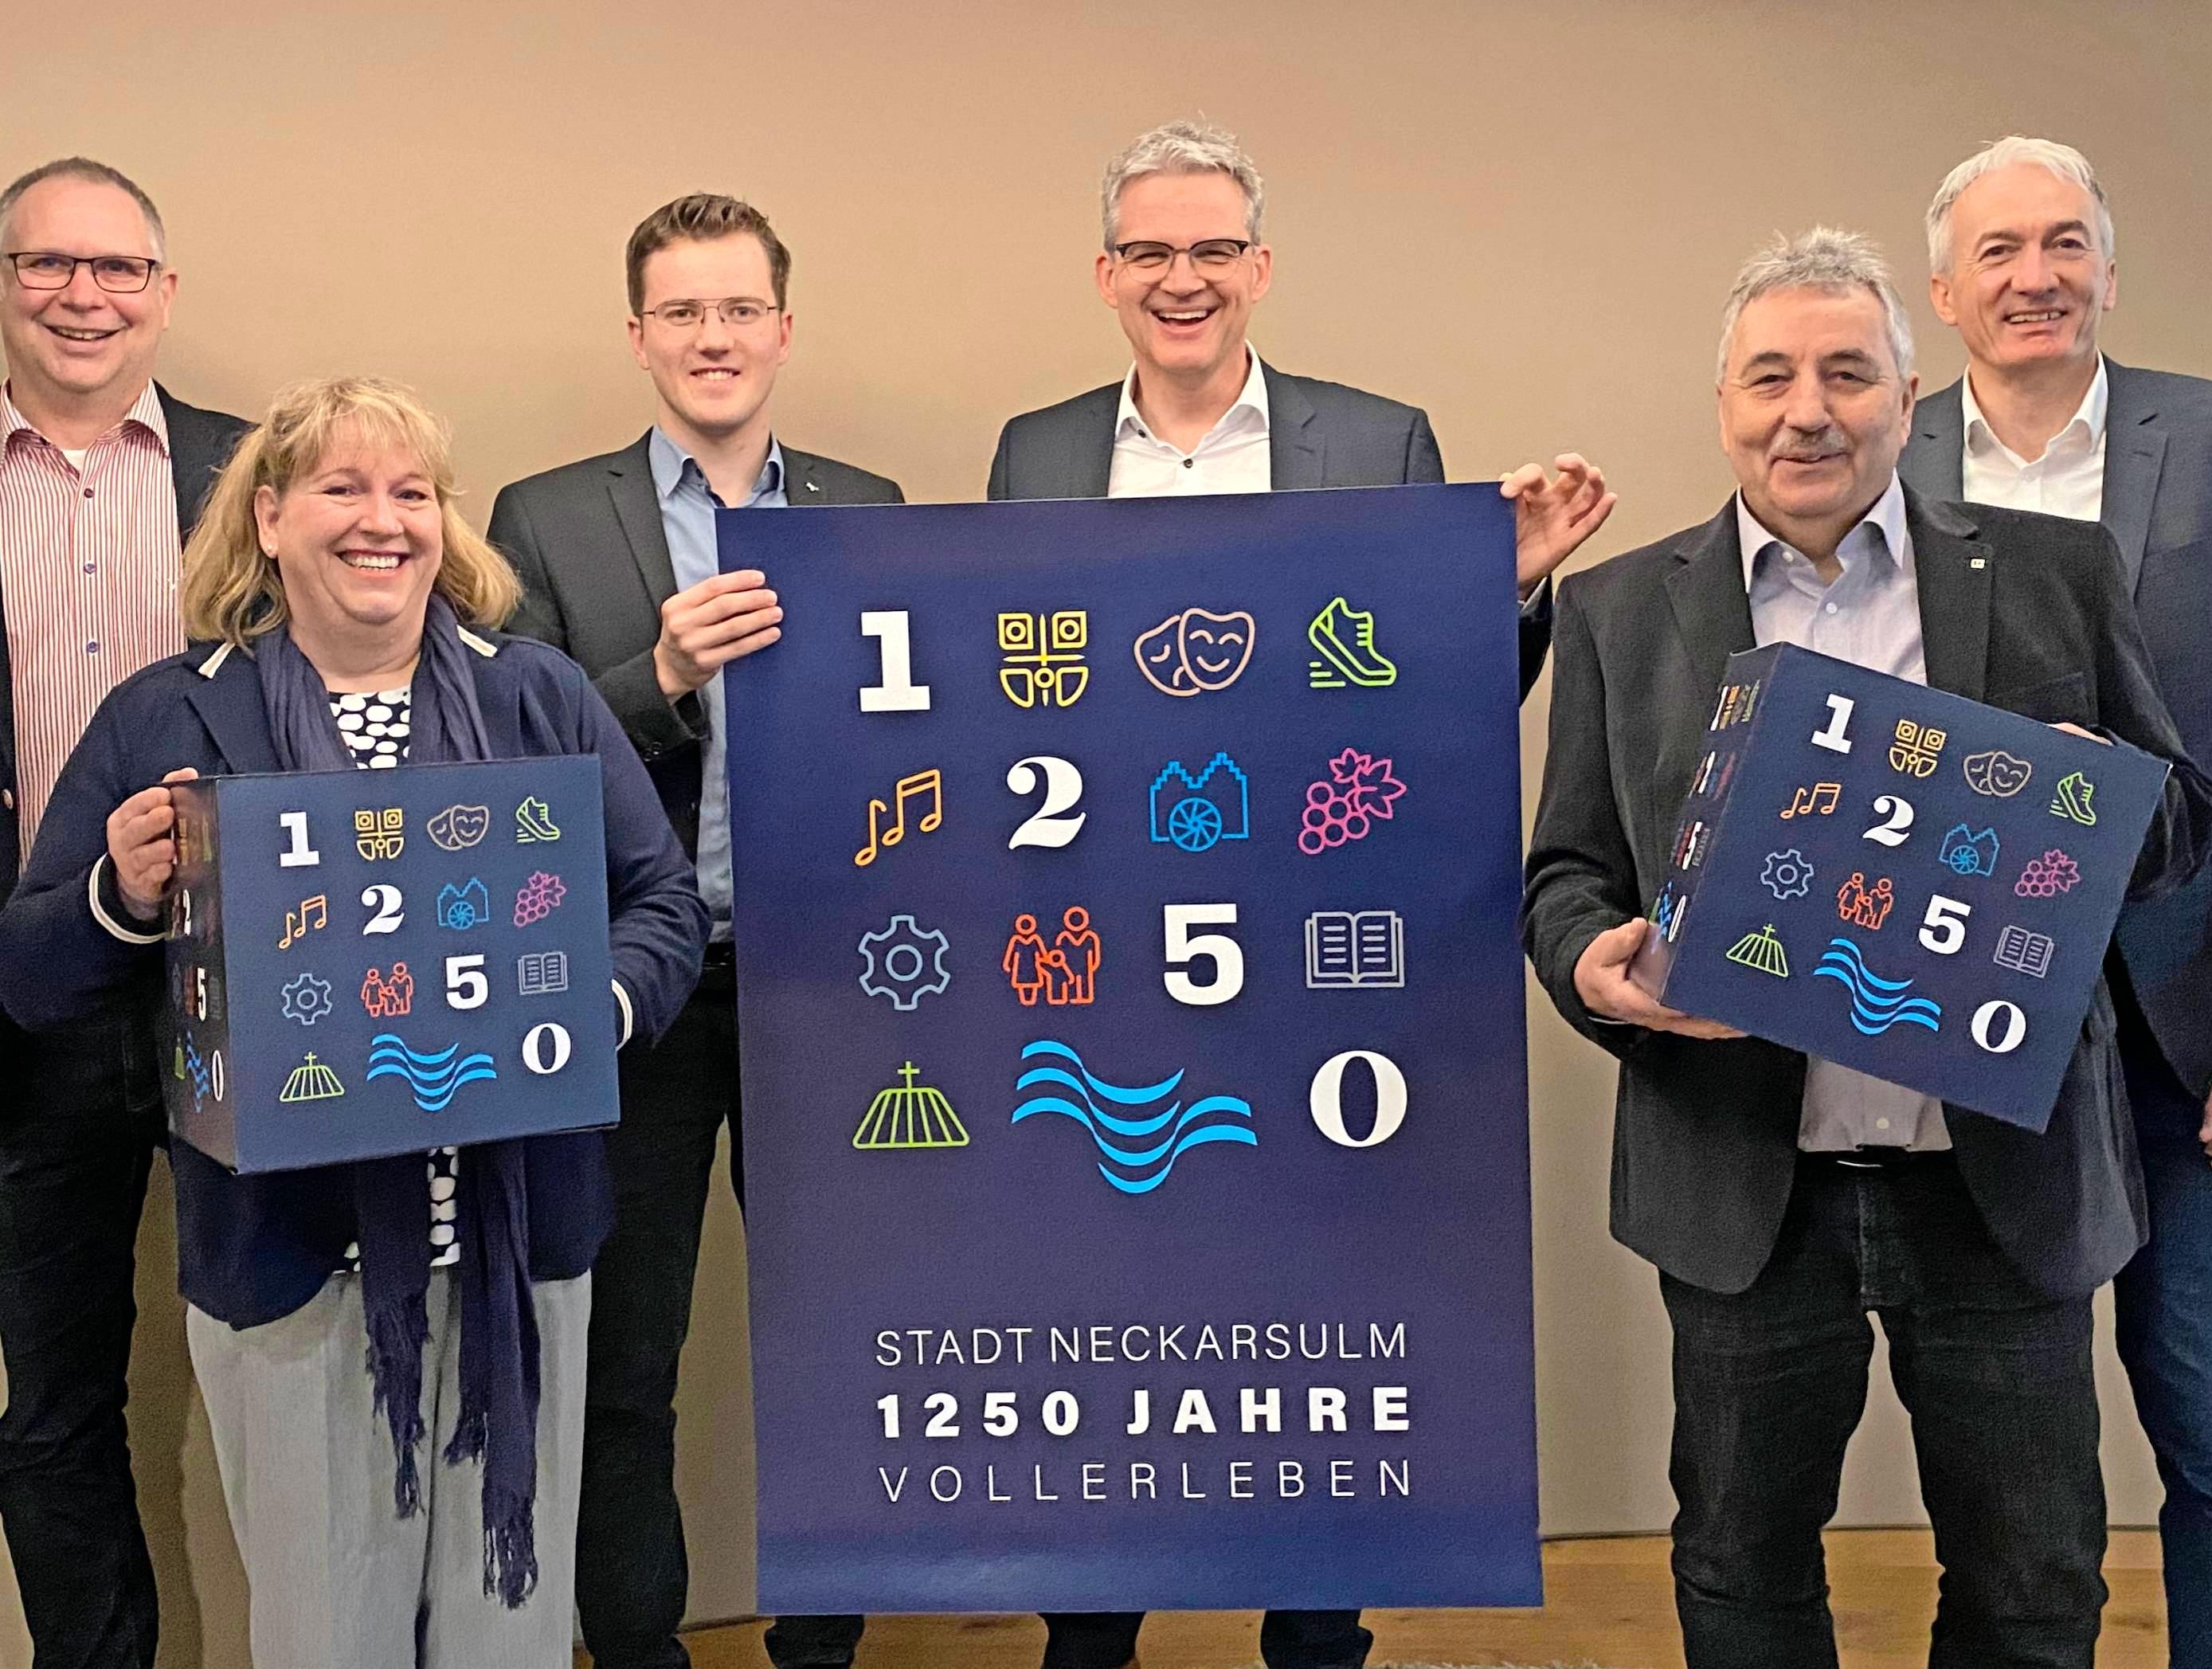 Die Lenkungsgruppe für das Stadtjubiläum 1250 Jahre Neckarsulm. Foto: snp